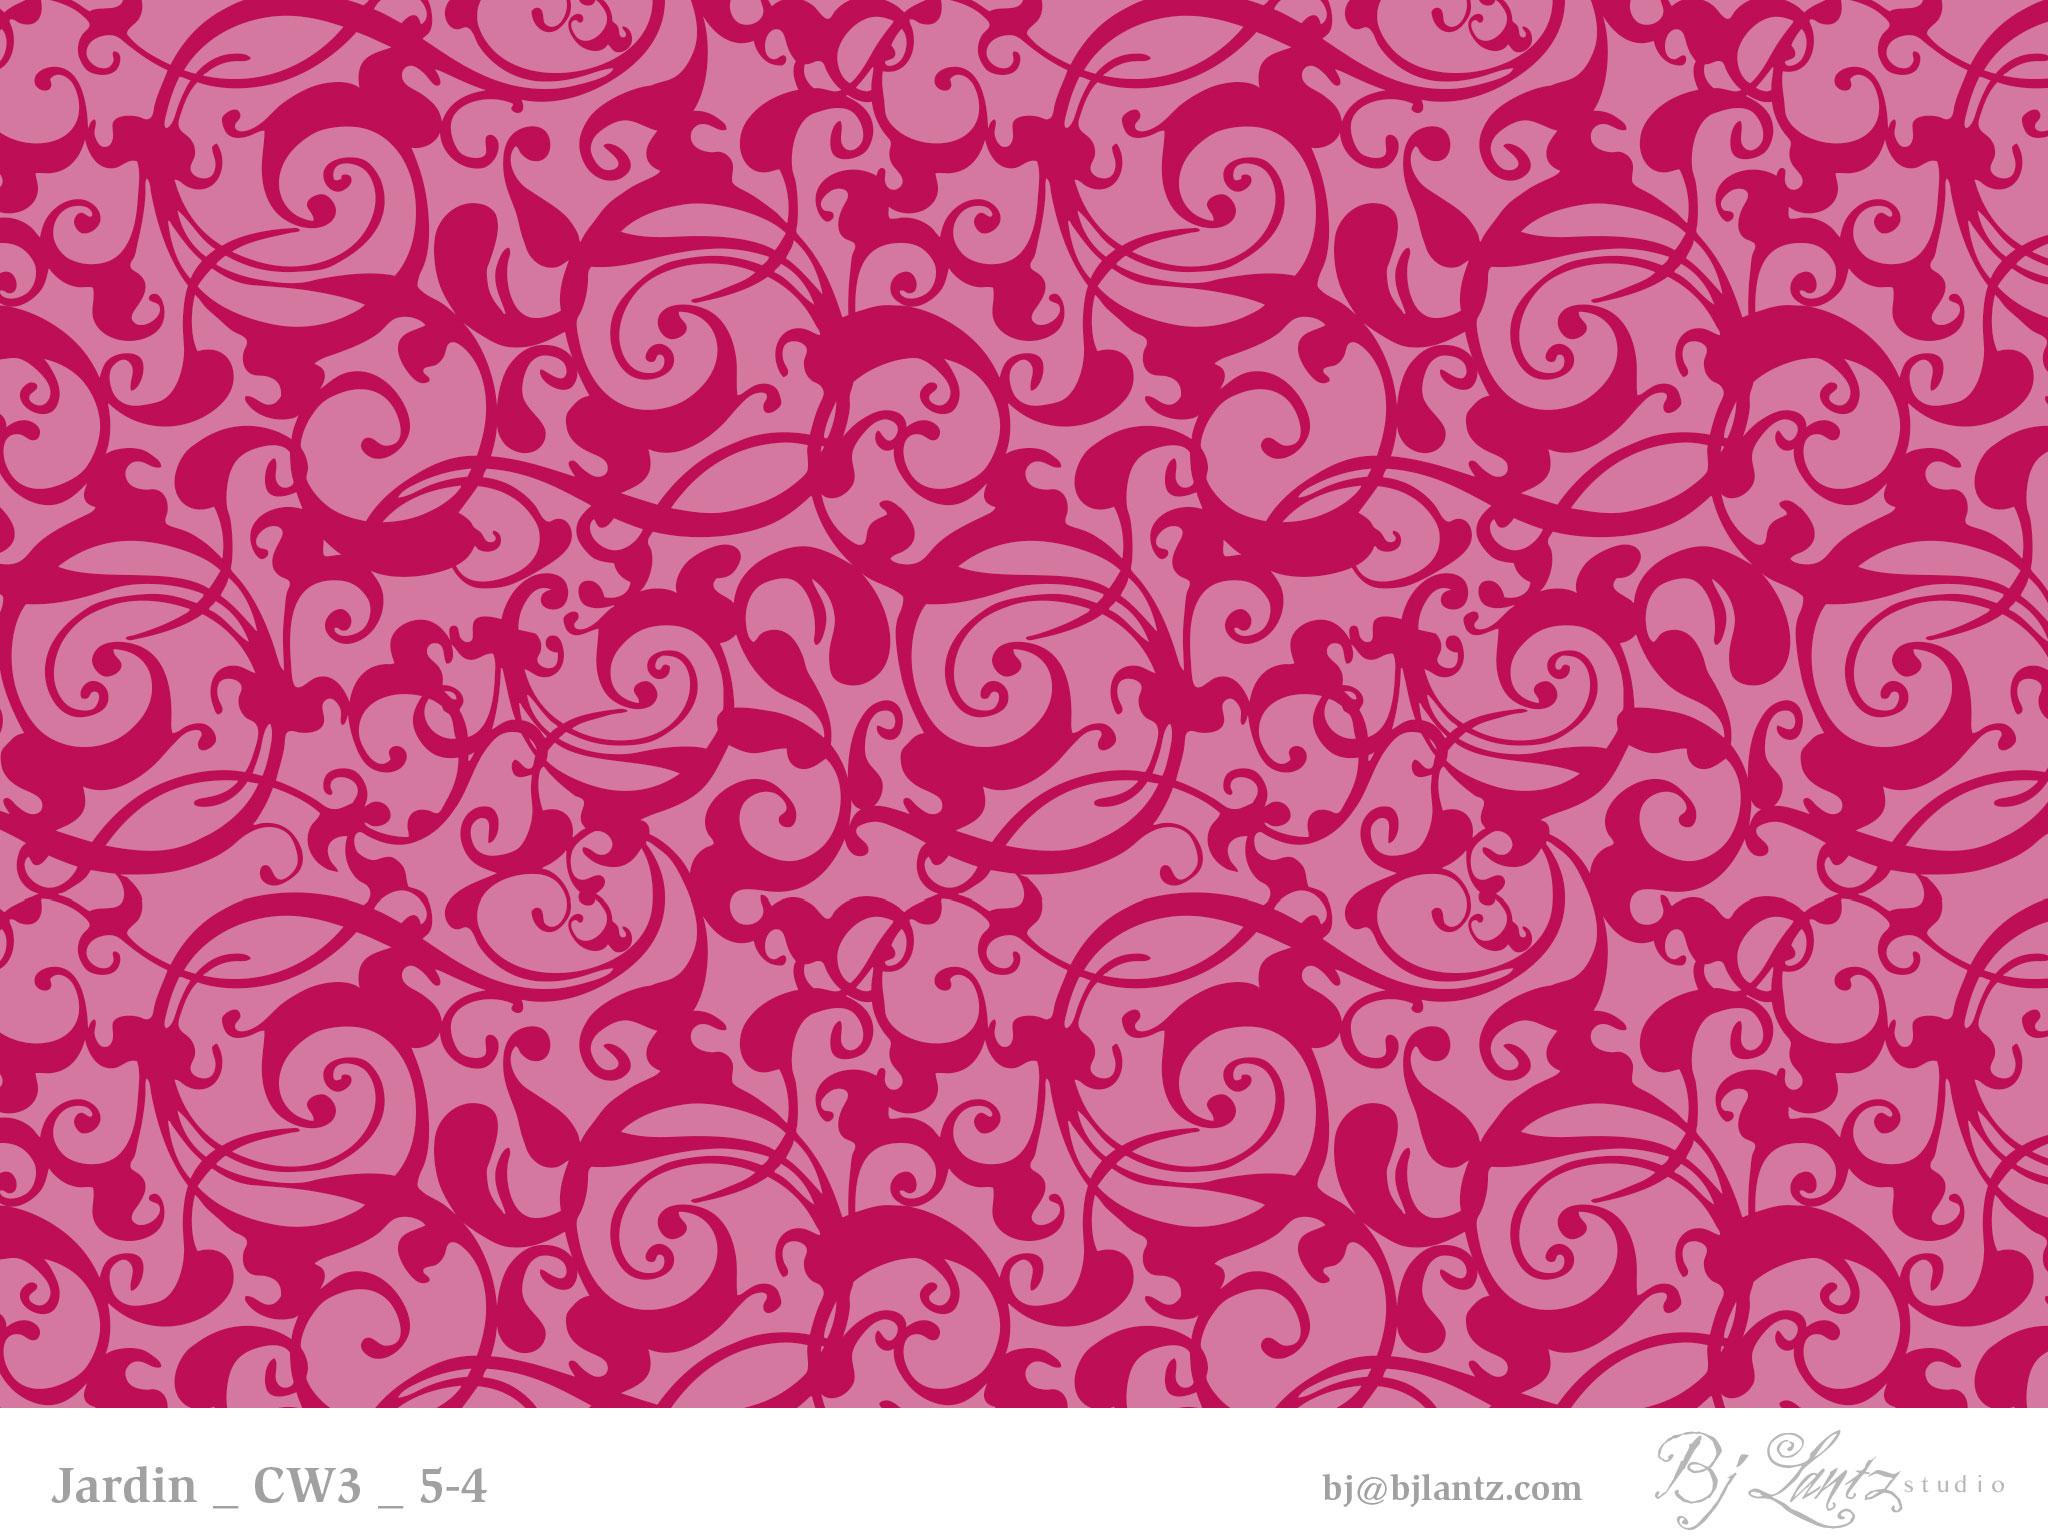 Jardin_CW3-BJ-Lantz_5-4.jpg